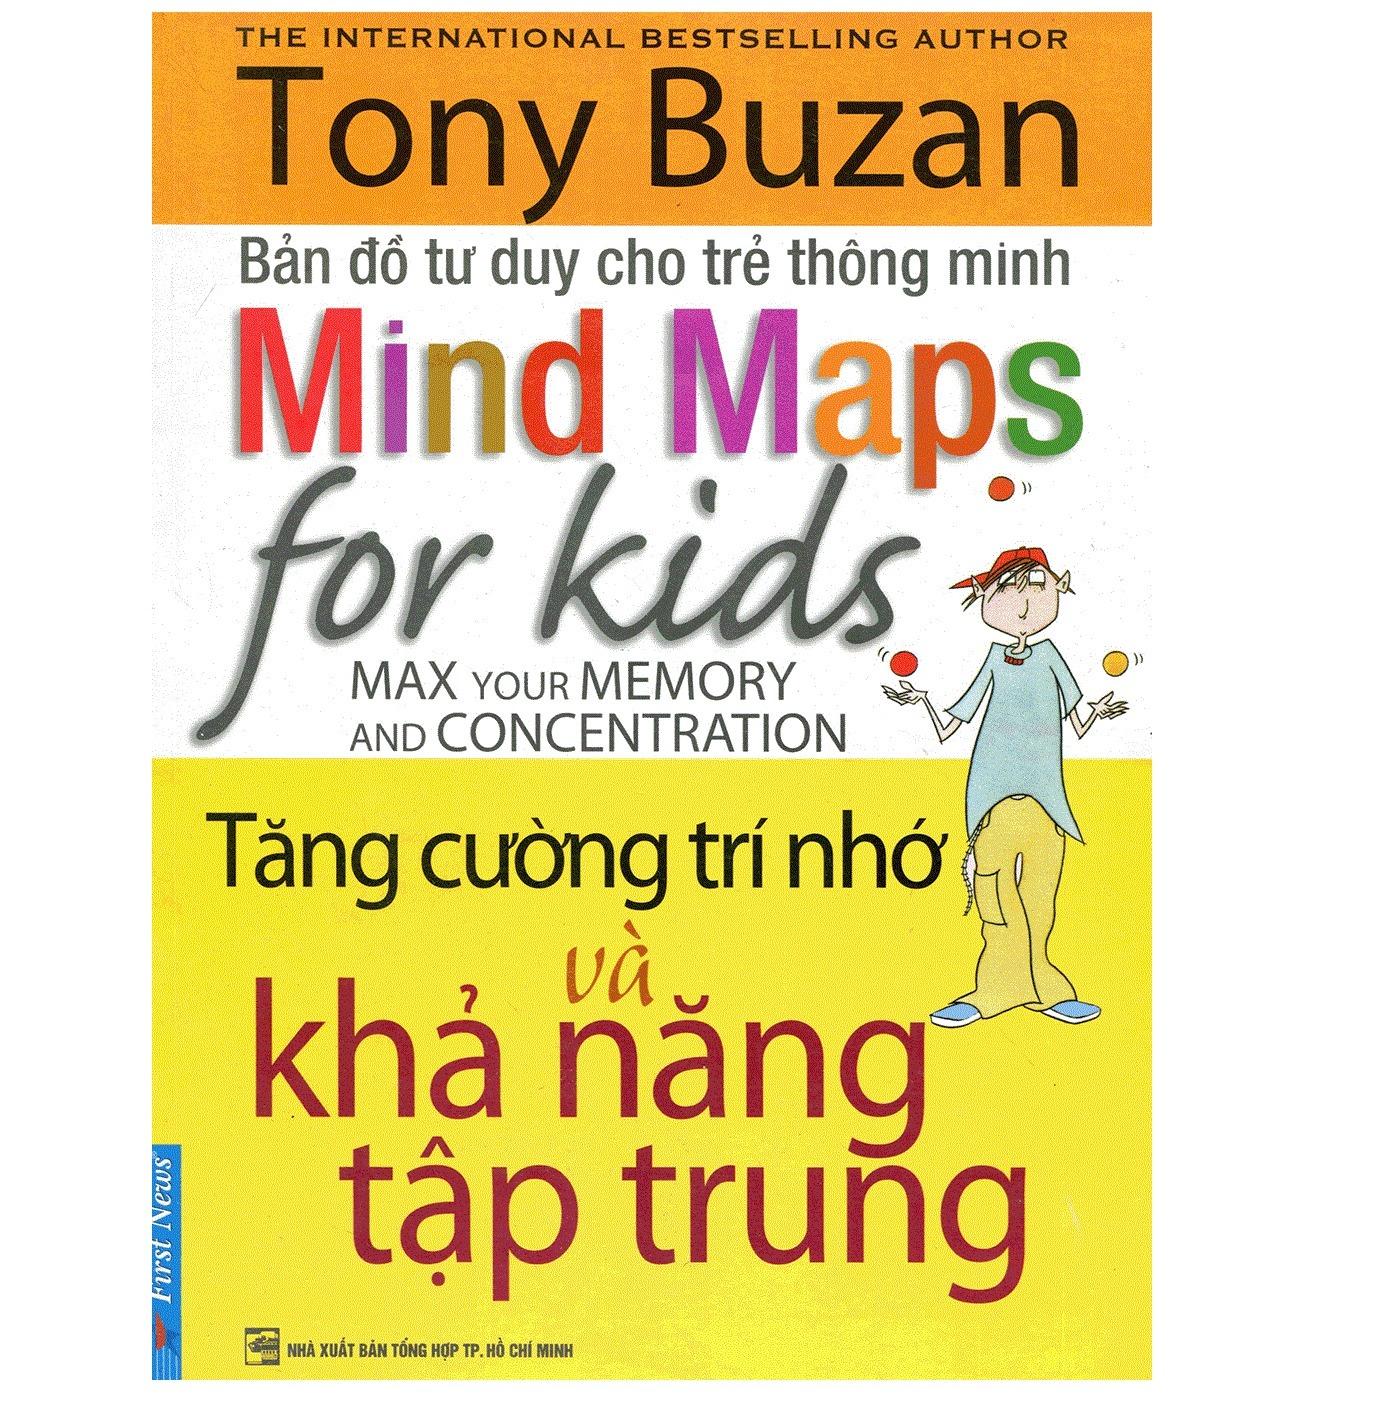 Coupon Khuyến Mại Mind Maps For Kids - Tăng Cường Trí Nhớ Và Khả Năng Tập Trung